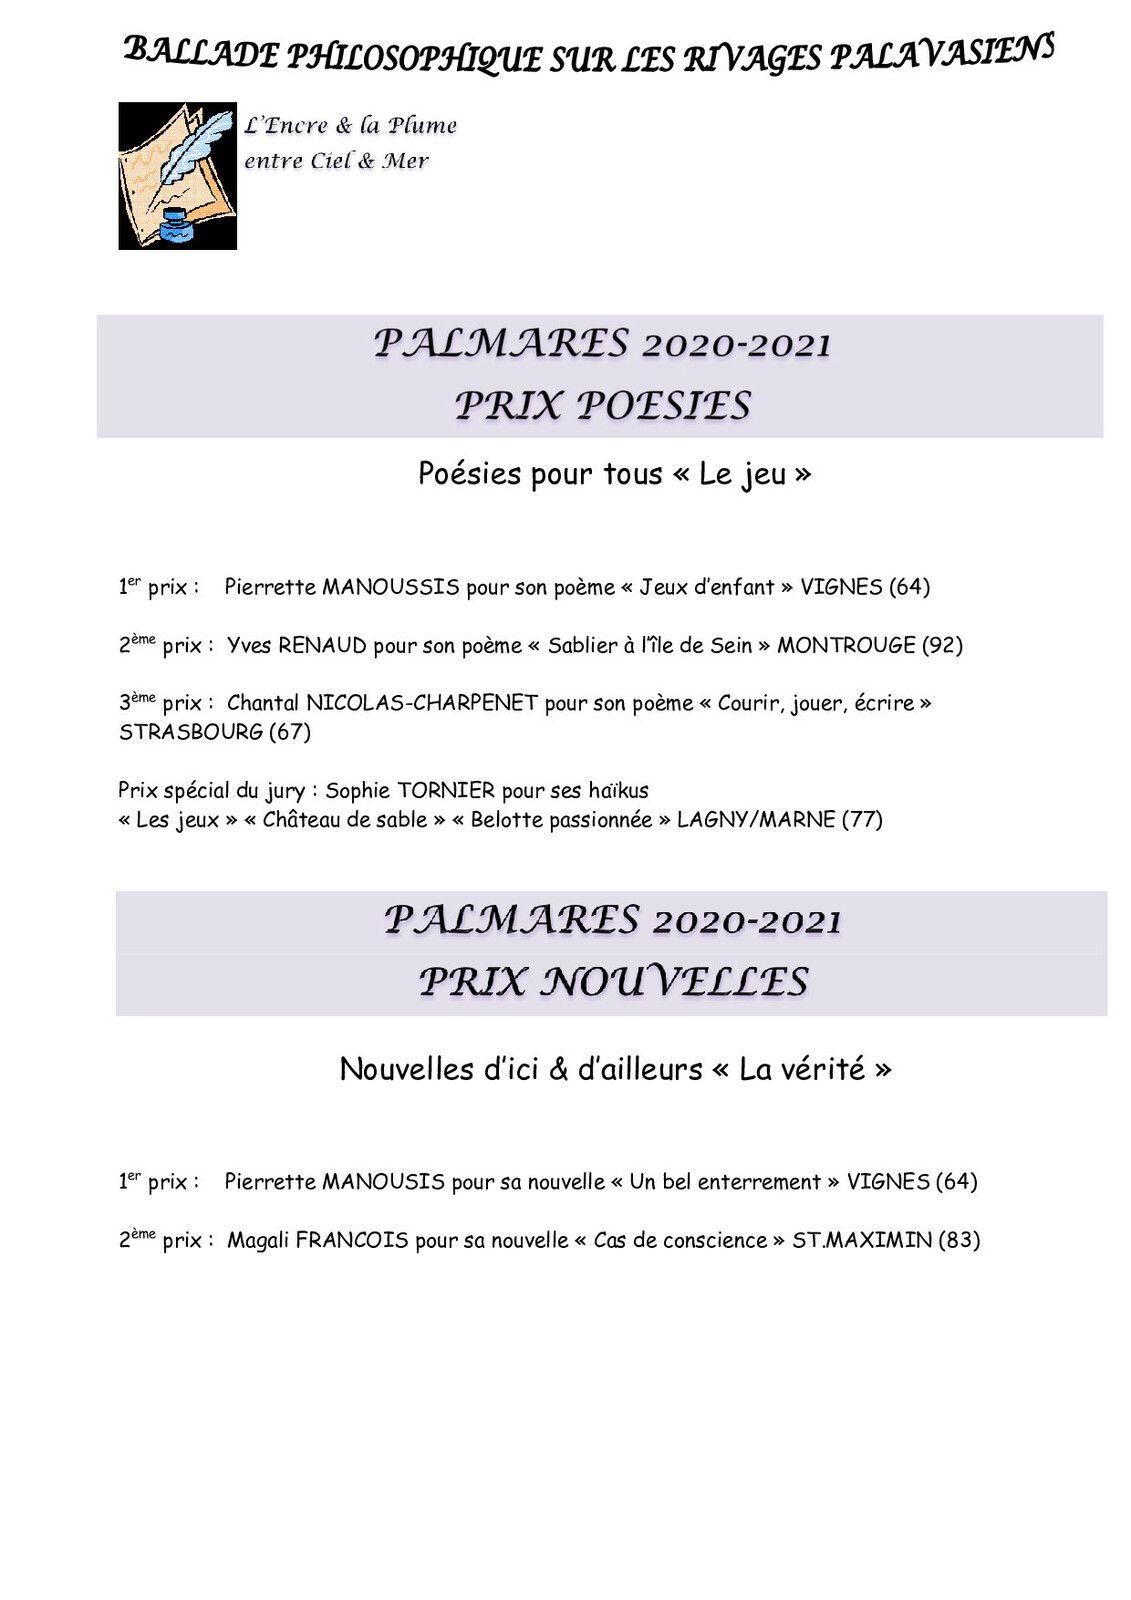 """CONCOURS """"L'ENCRE & LA PLUME ENTRE CIEL & MER"""" saison 2020-2021"""